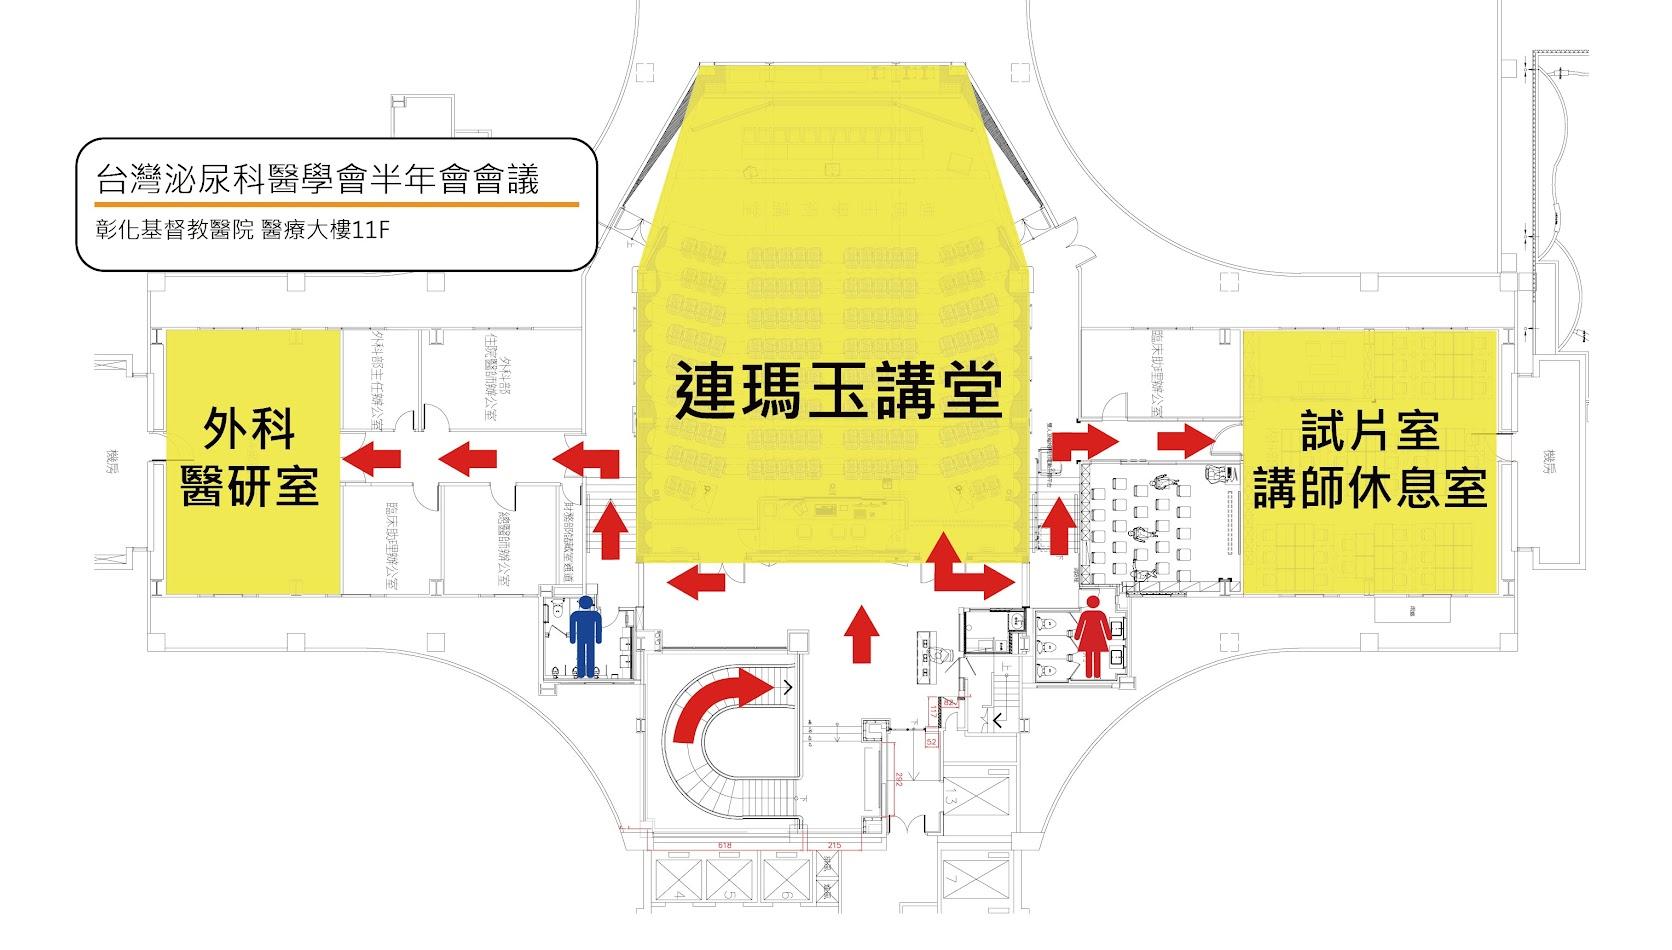 彰基-醫療大樓11F-連瑪玉講堂,外科醫研室☆試片室